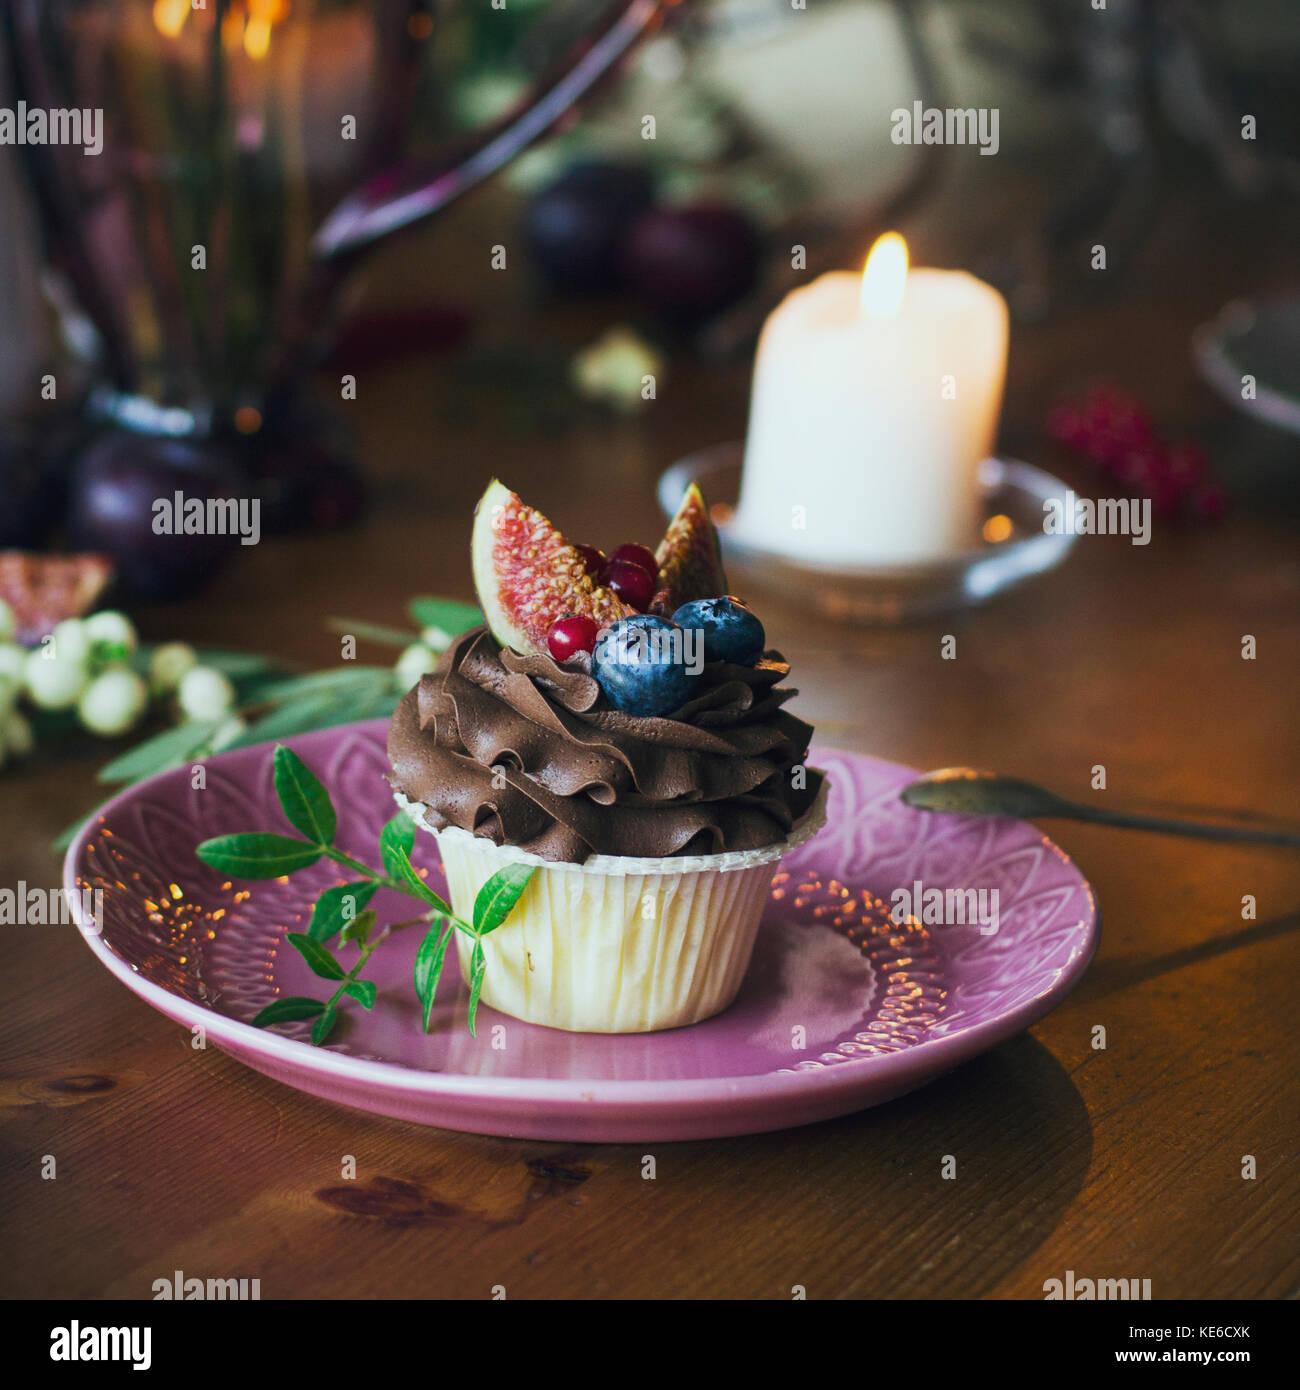 Cupcake de chocolate con higos y frutos en mesa festiva Imagen De Stock